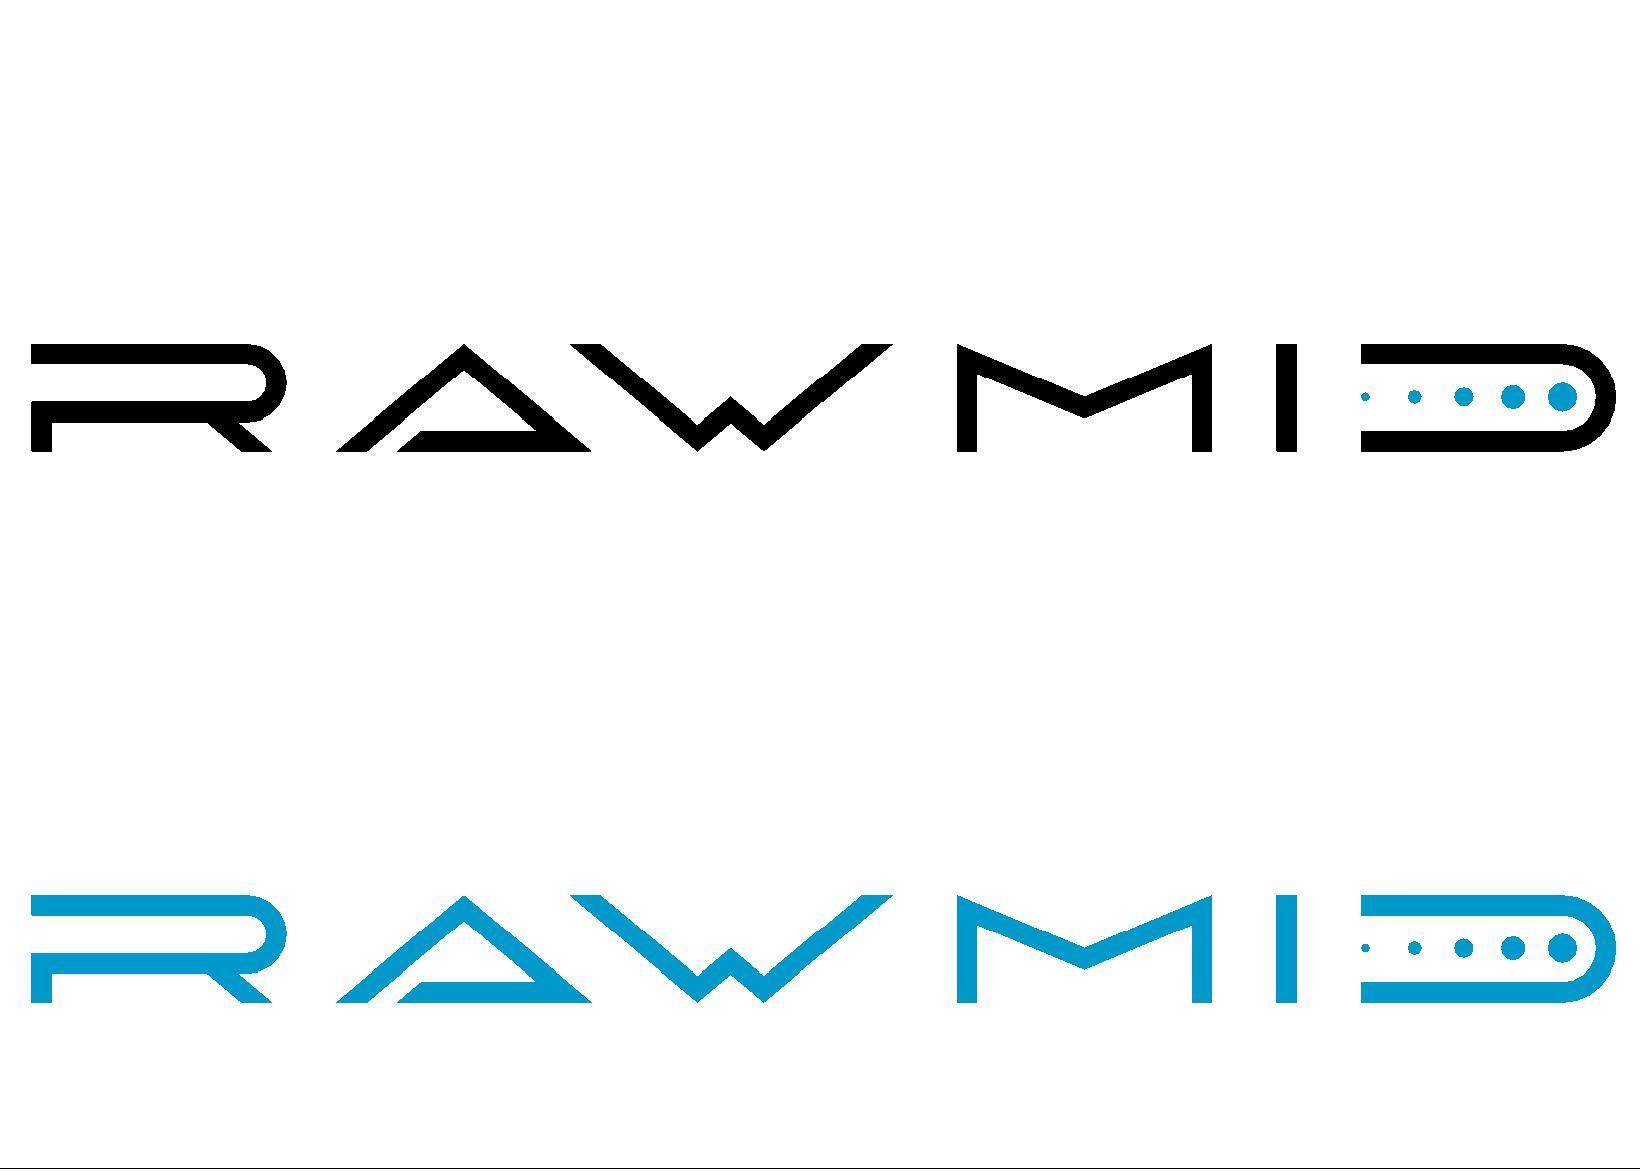 Создать логотип (буквенная часть) для бренда бытовой техники фото f_8675b3b485d15eb7.jpg